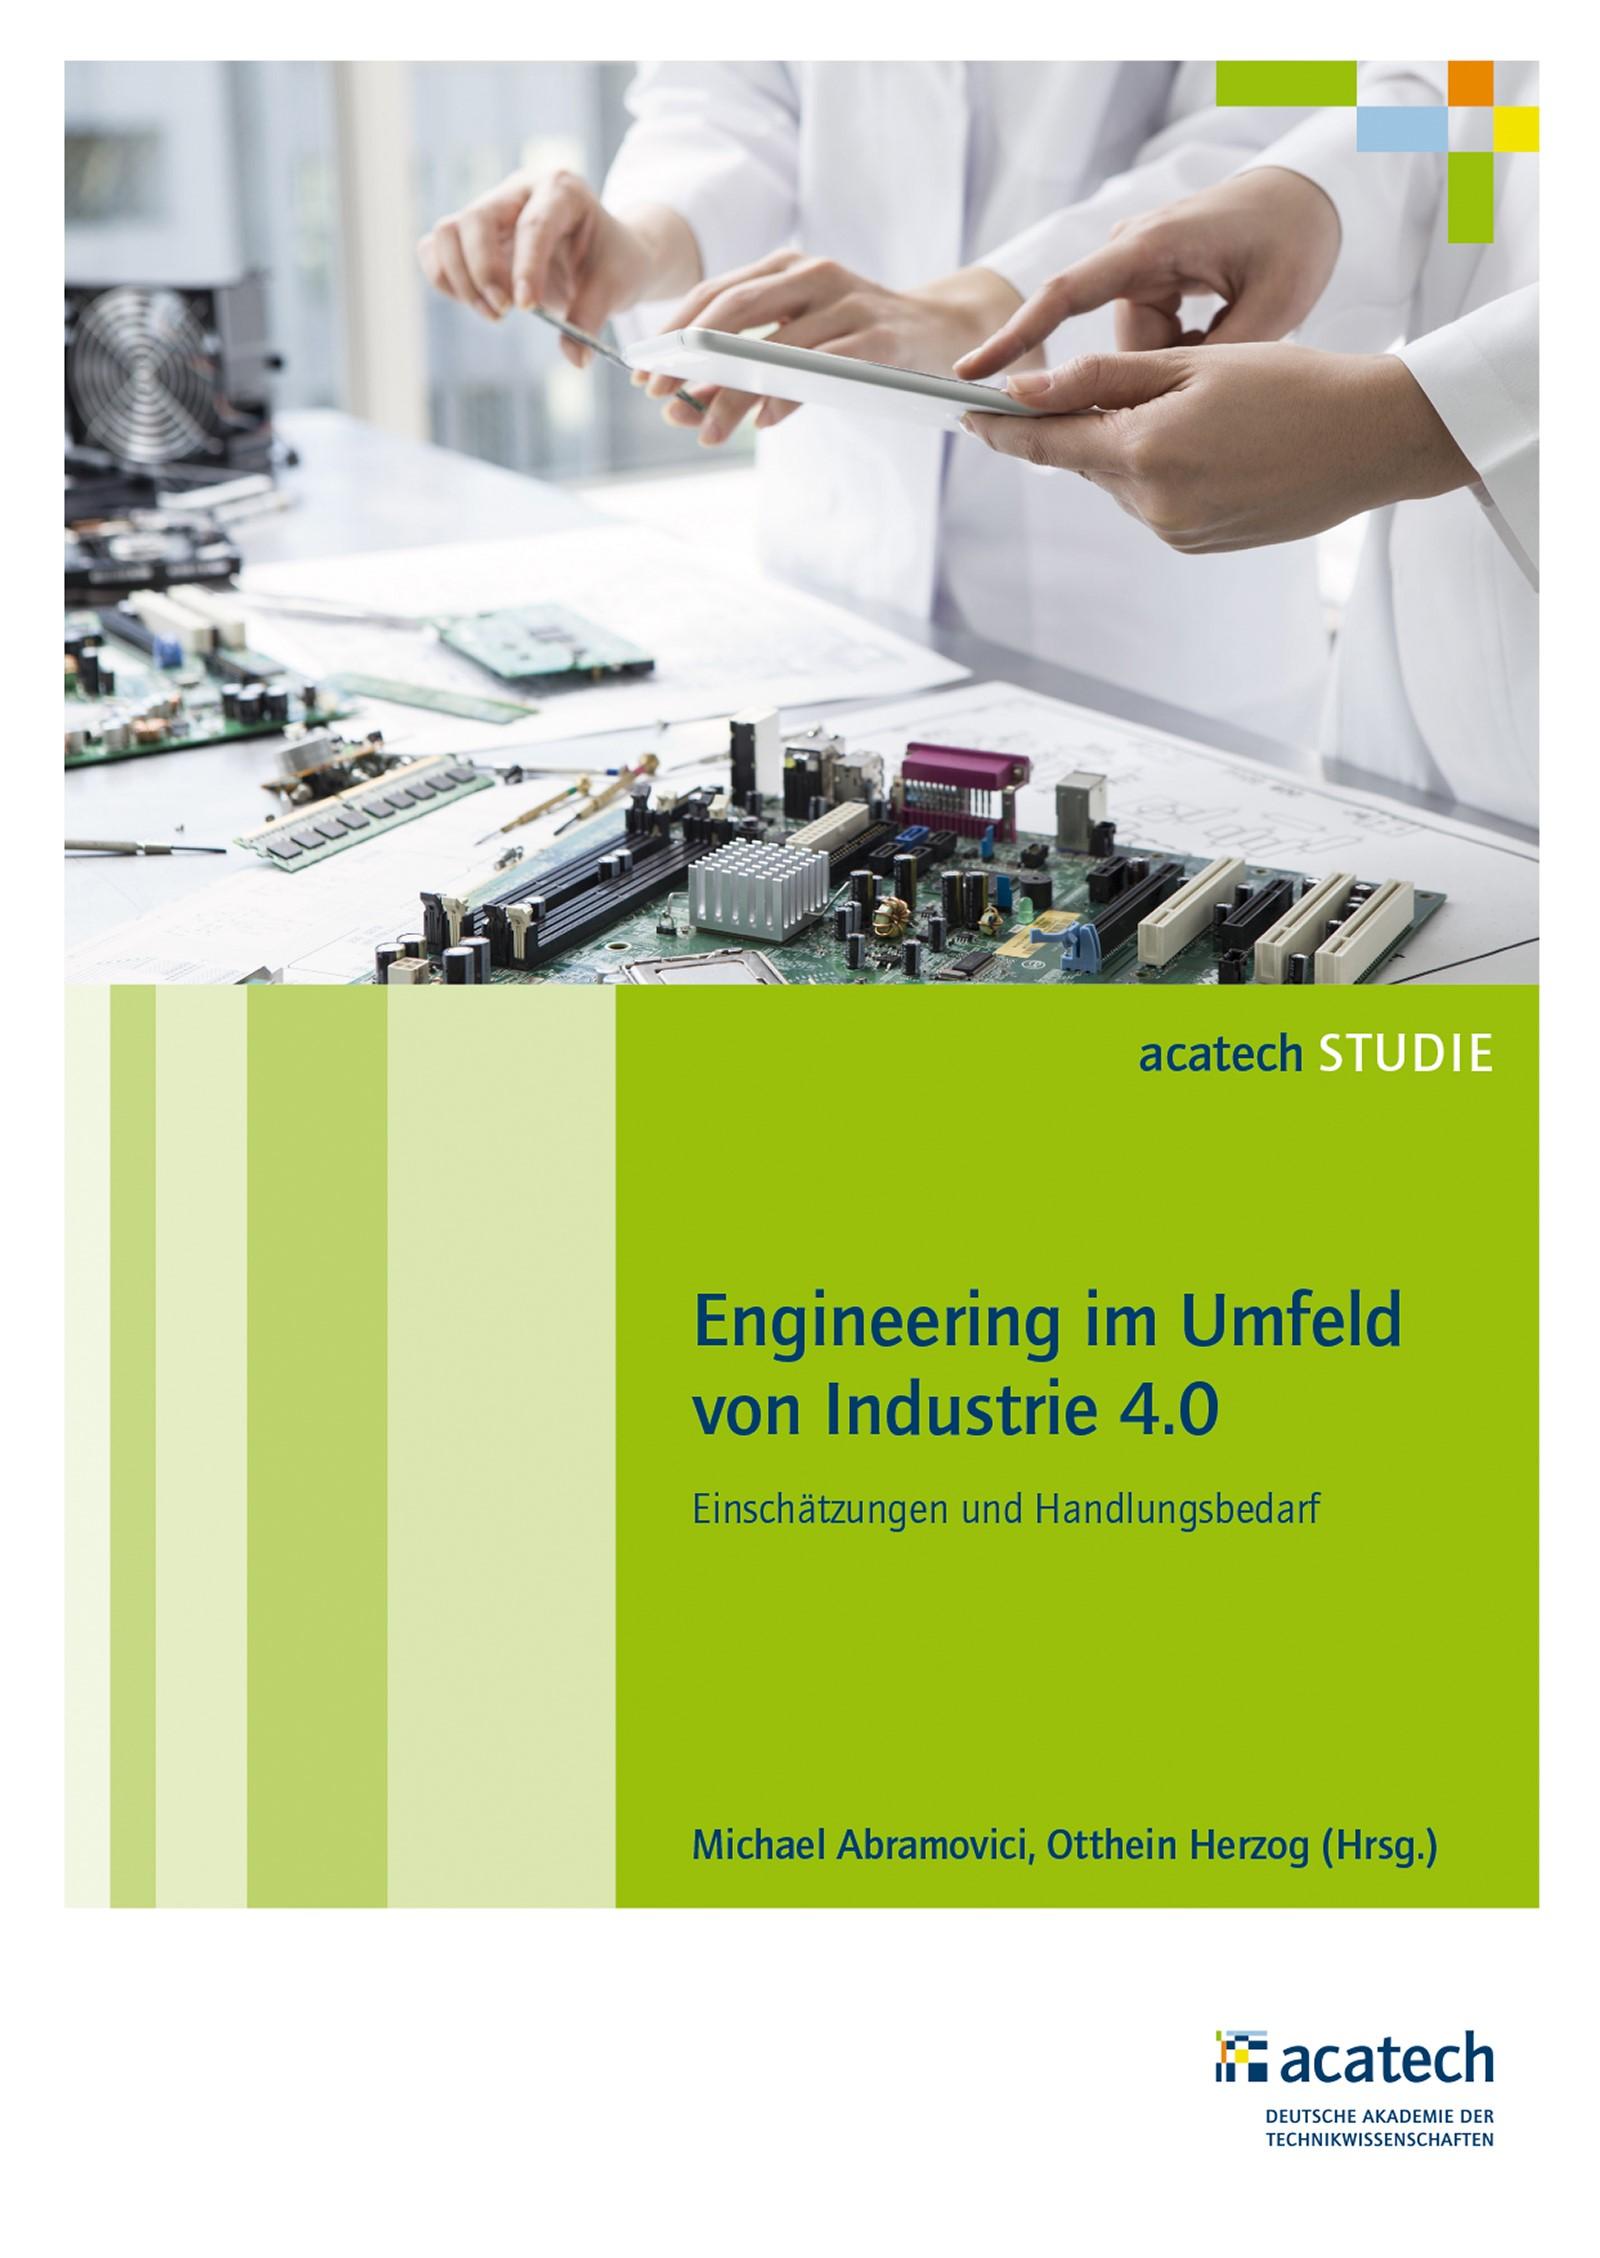 Engineering im Umfeld von Industrie 4.0 | Abramovici / Herzog, 2016 | Buch (Cover)